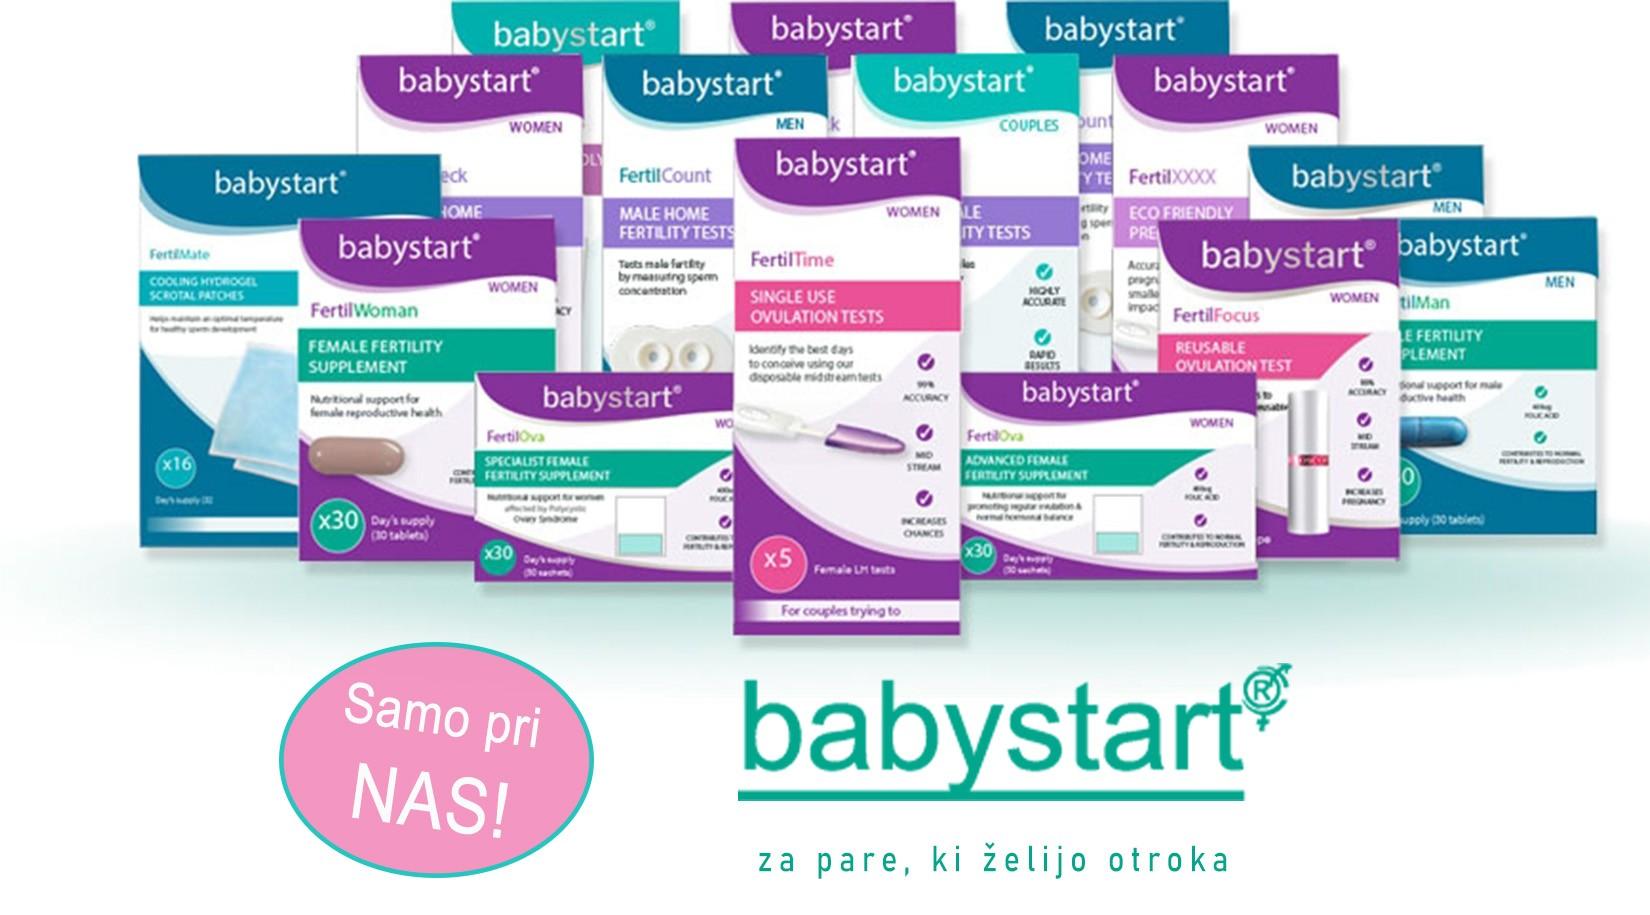 Babystart izdelki za plodnost